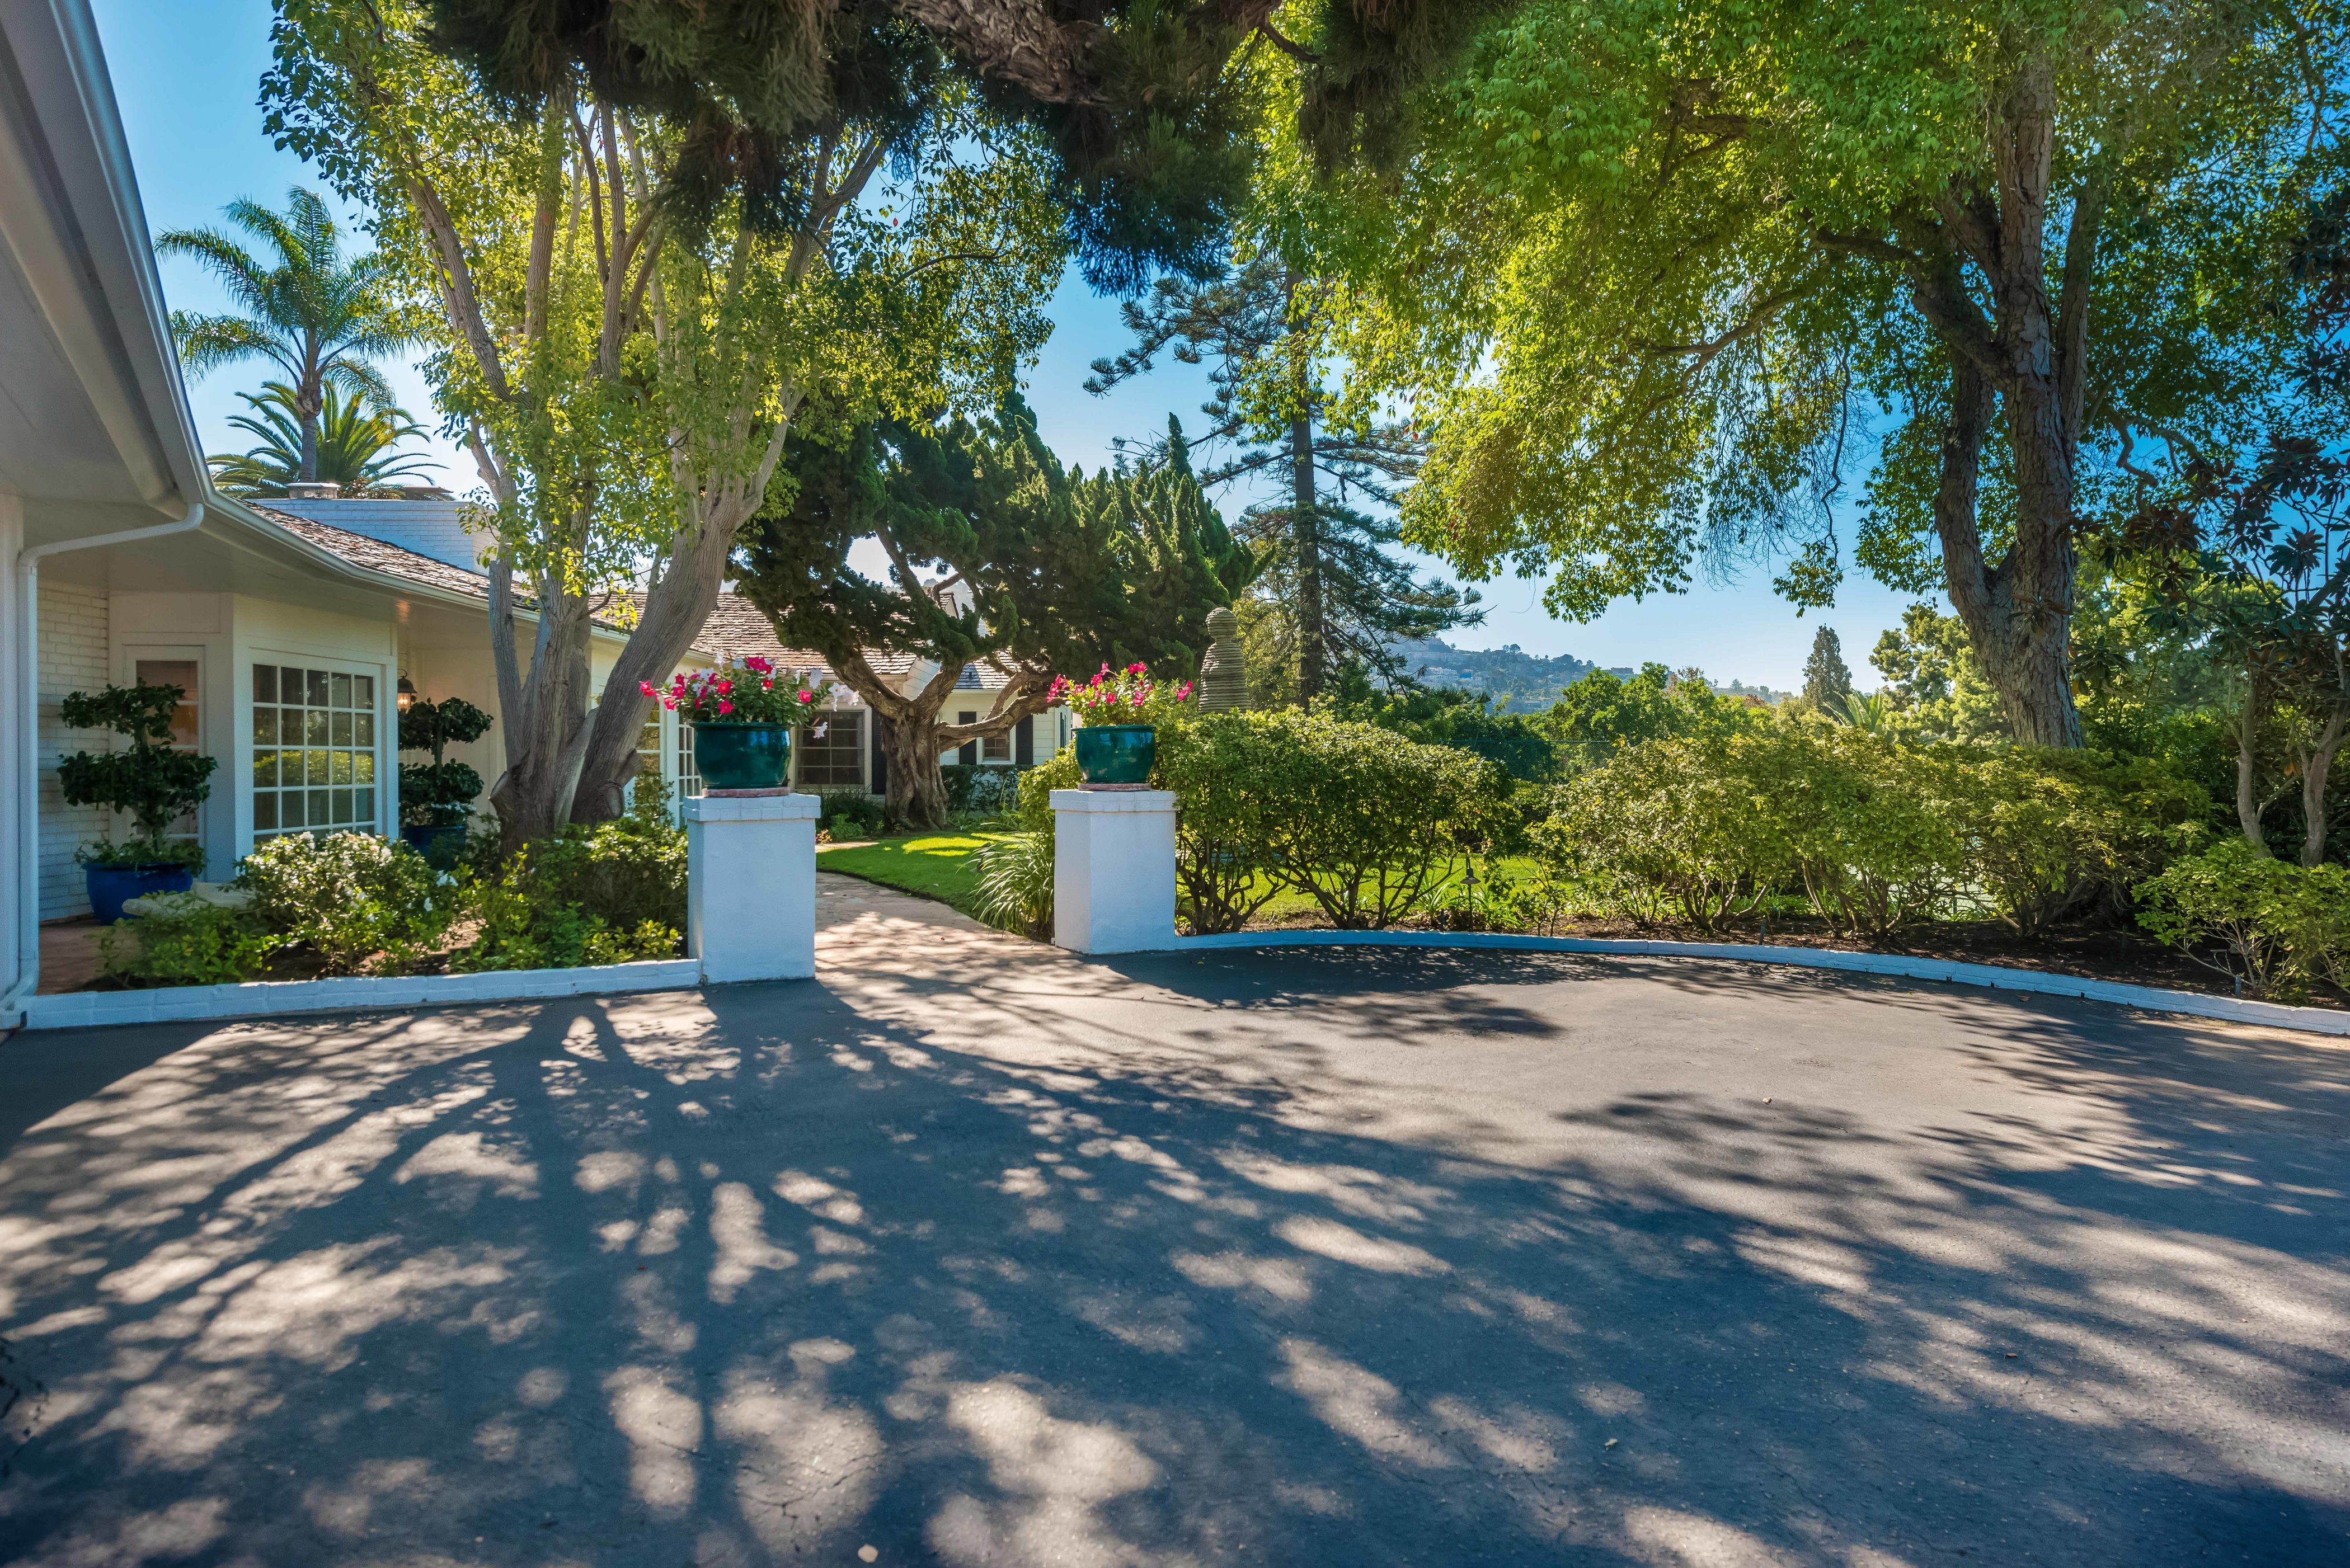 一戸建て のために 売買 アット 8317 La Jolla Shores Drive La Jolla, カリフォルニア, 92037 アメリカ合衆国